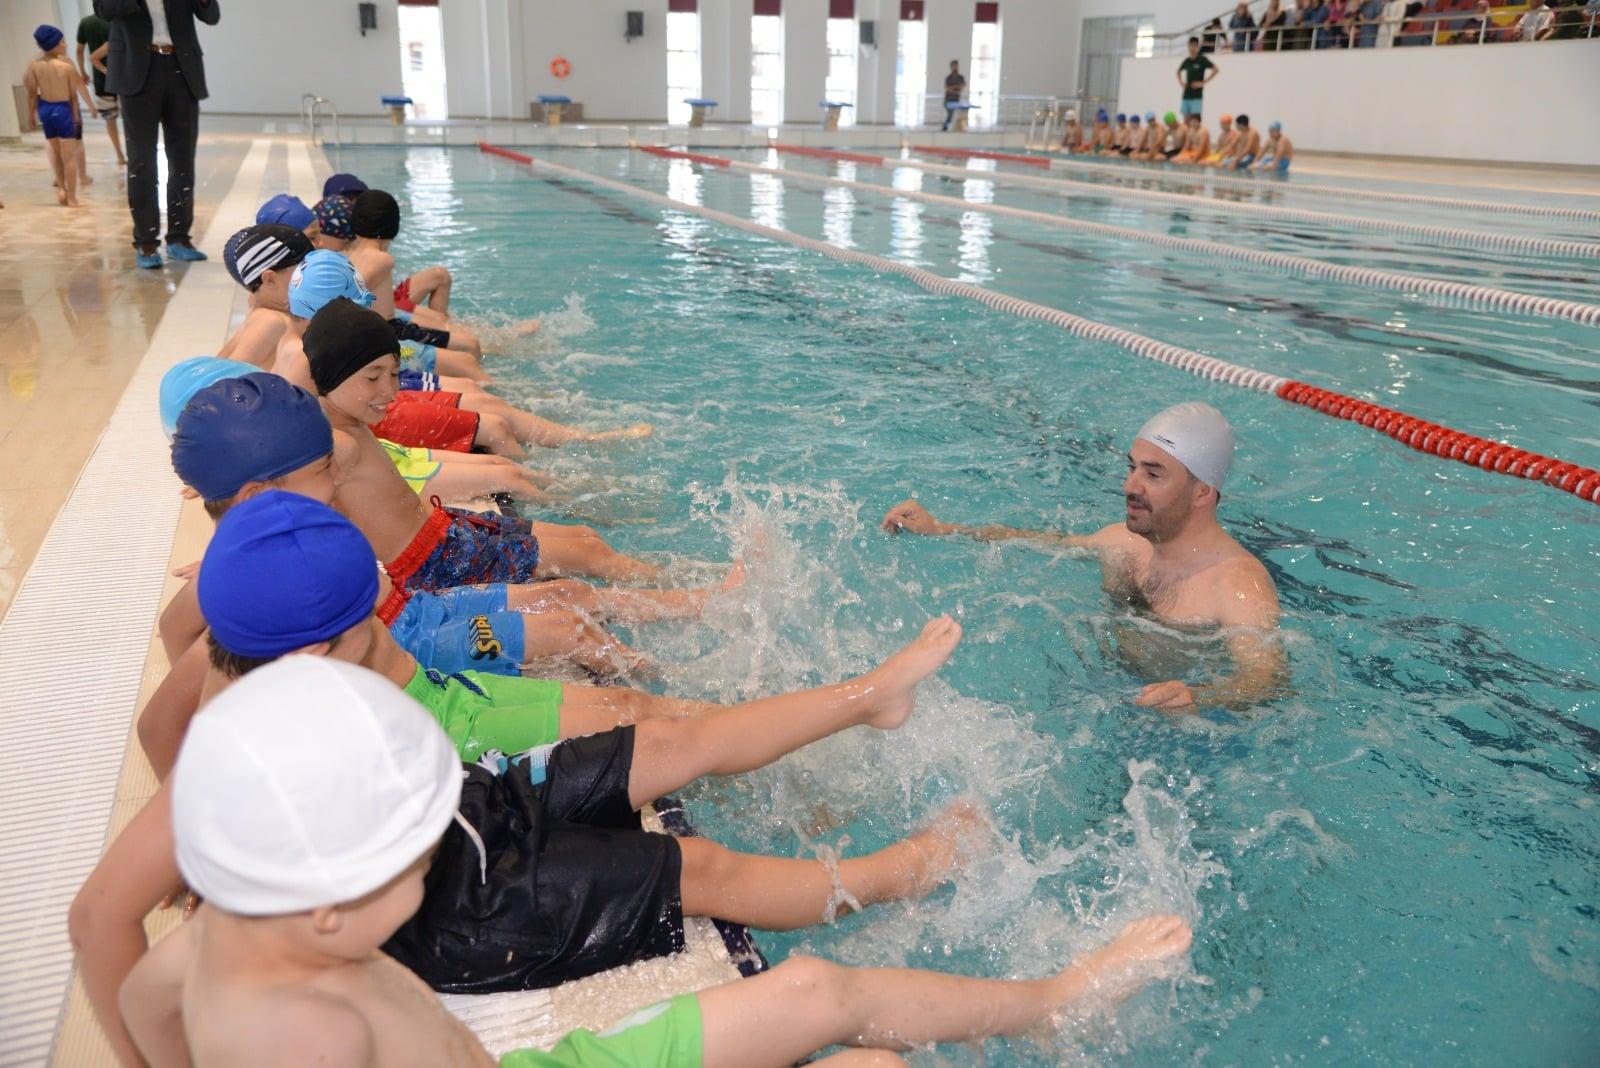 Pursaklar'da Yüzme Kursları Başladı. İlk Ders Ertuğrul Başkandan